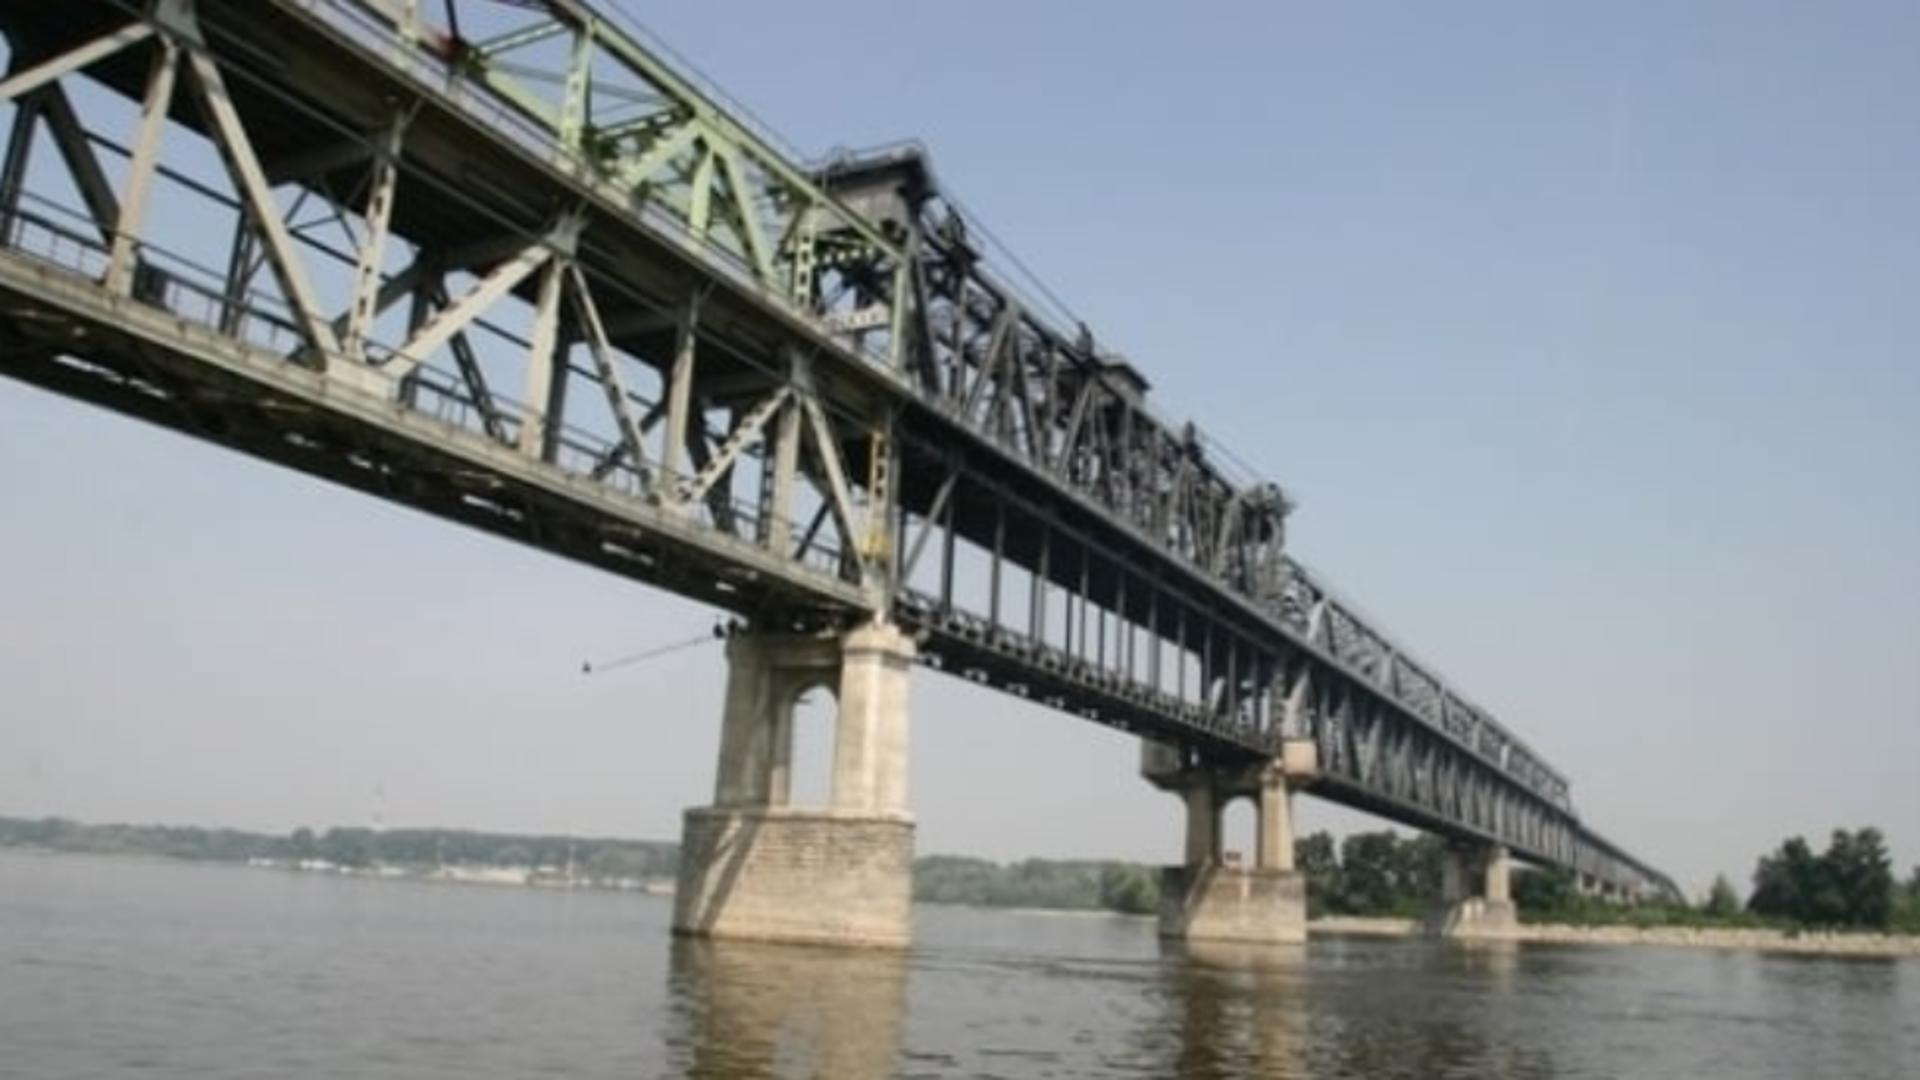 Ziua în care NU se plătește pe Podul Prieteniei - De ce nu se achită tariful de trecere duminică, 20 iunie